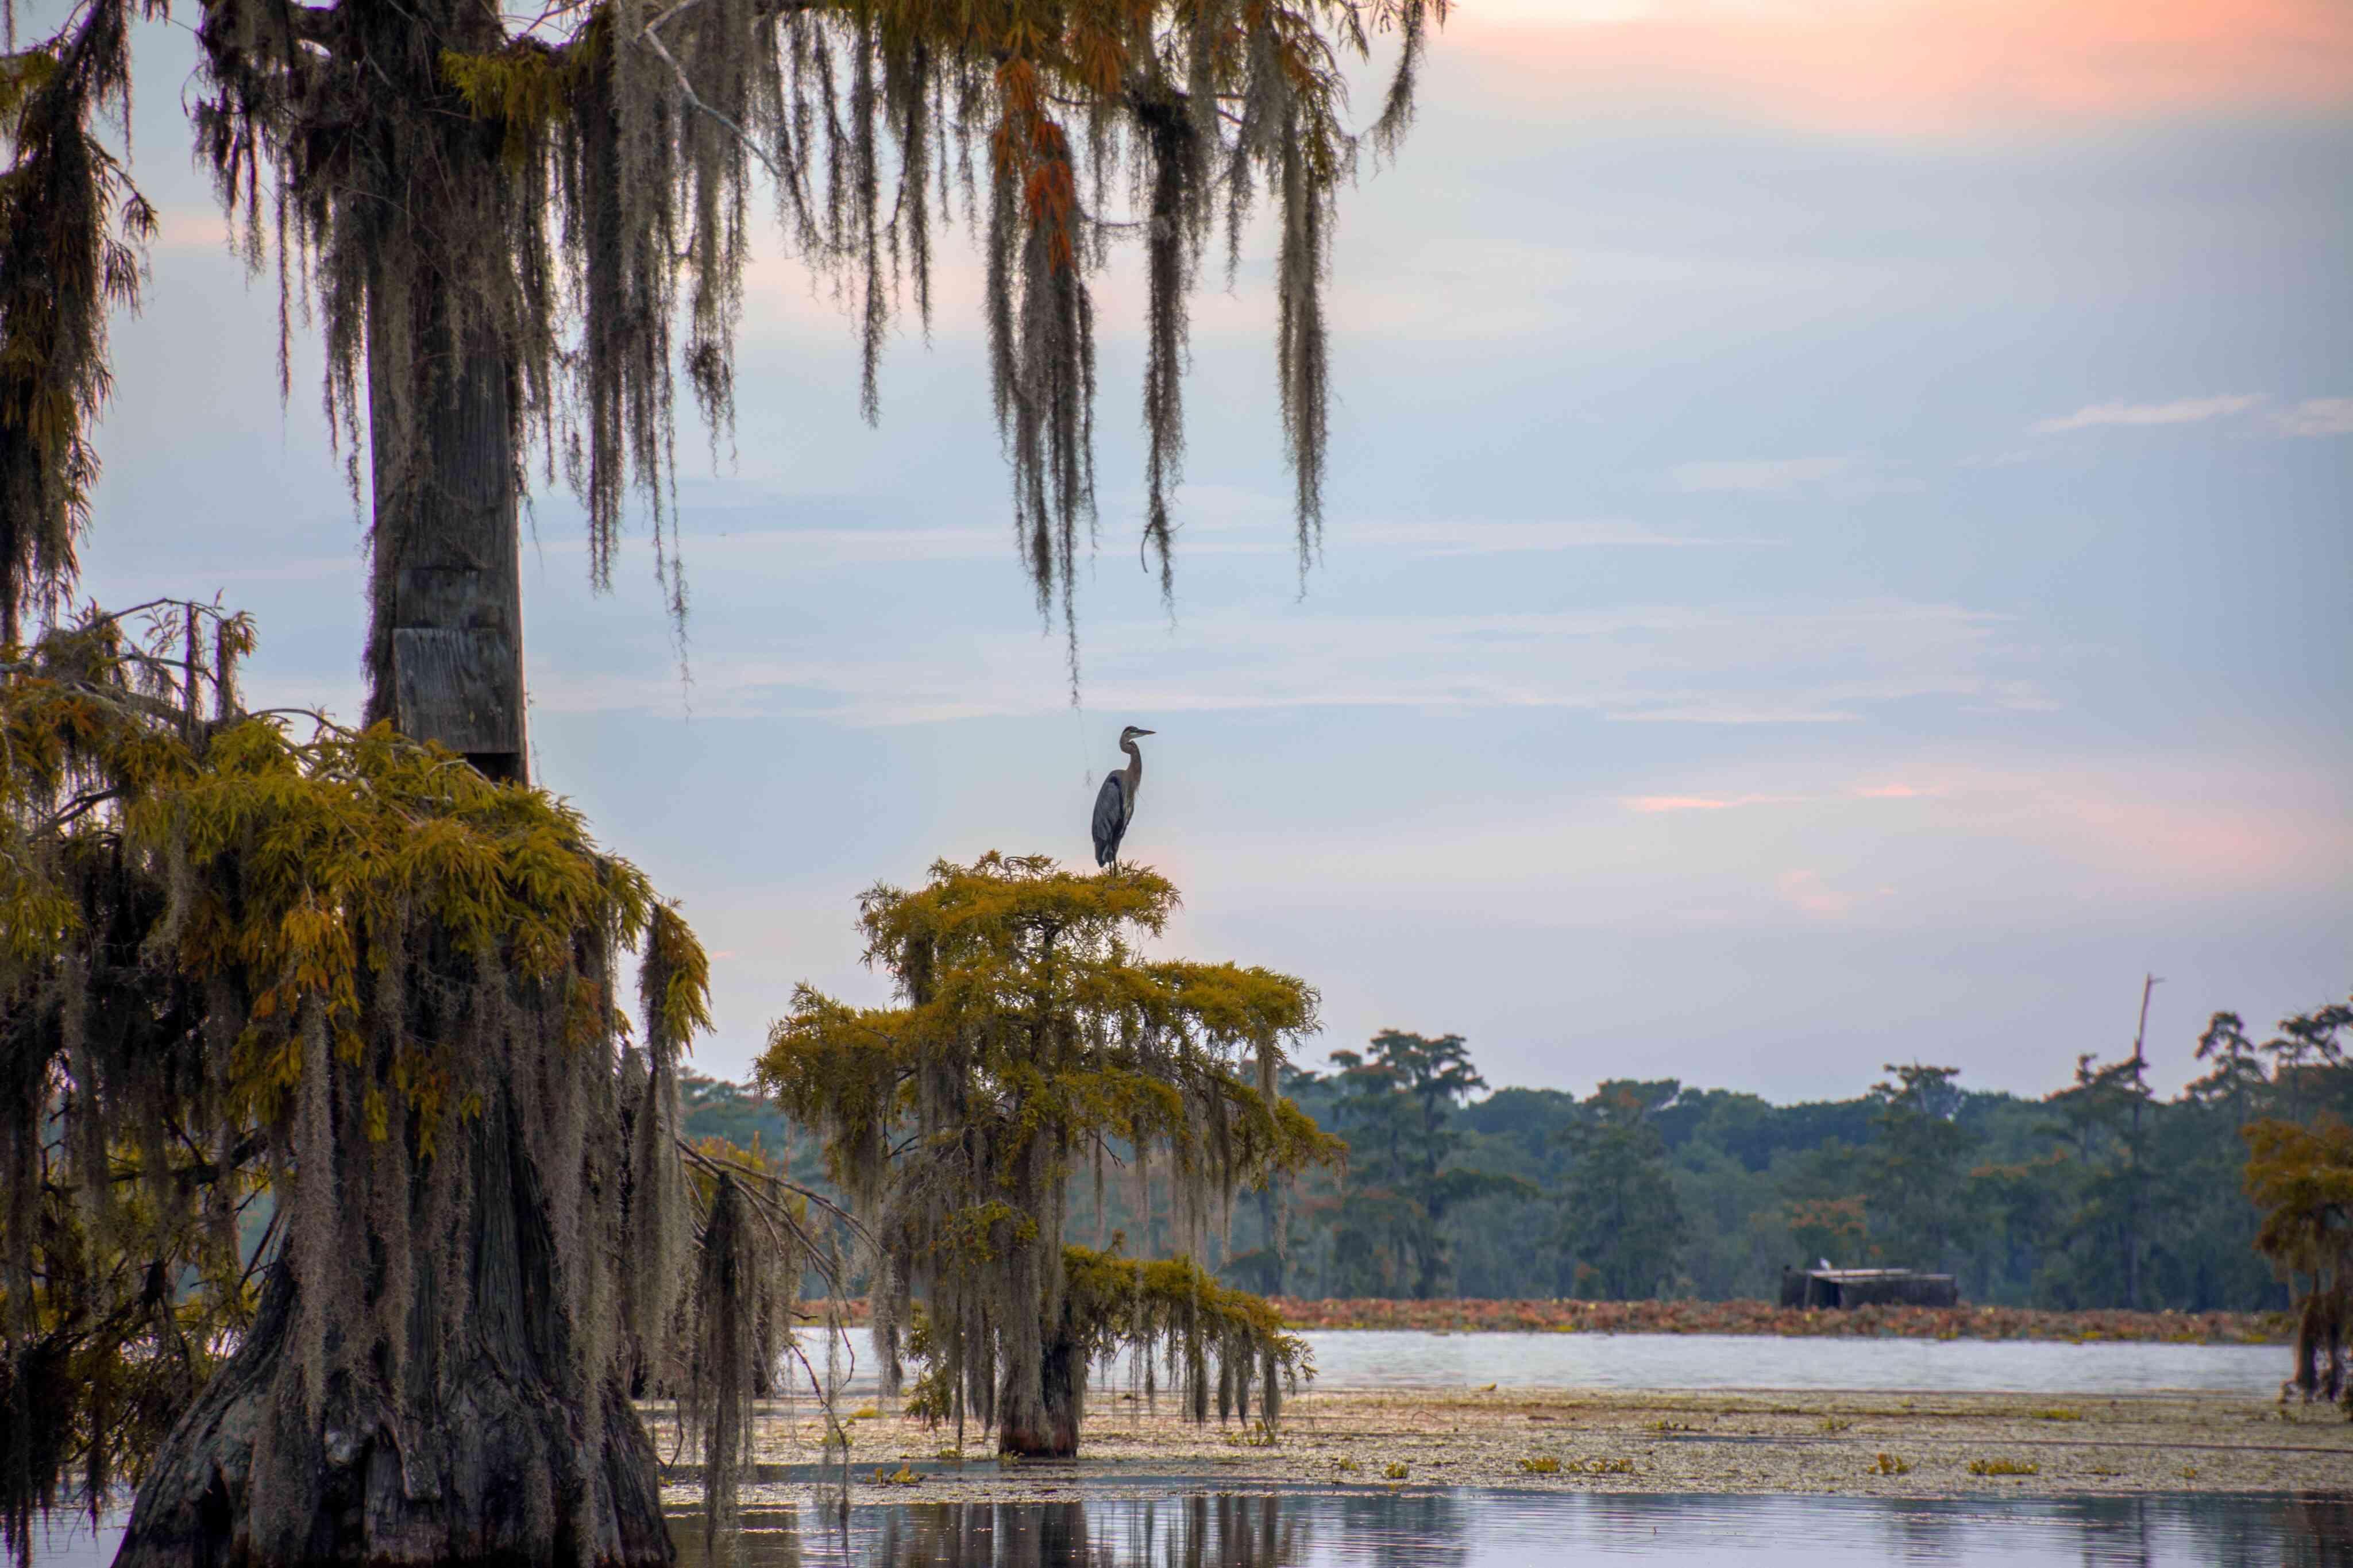 Seabird sitting on tree branch on the coast in Louisiana